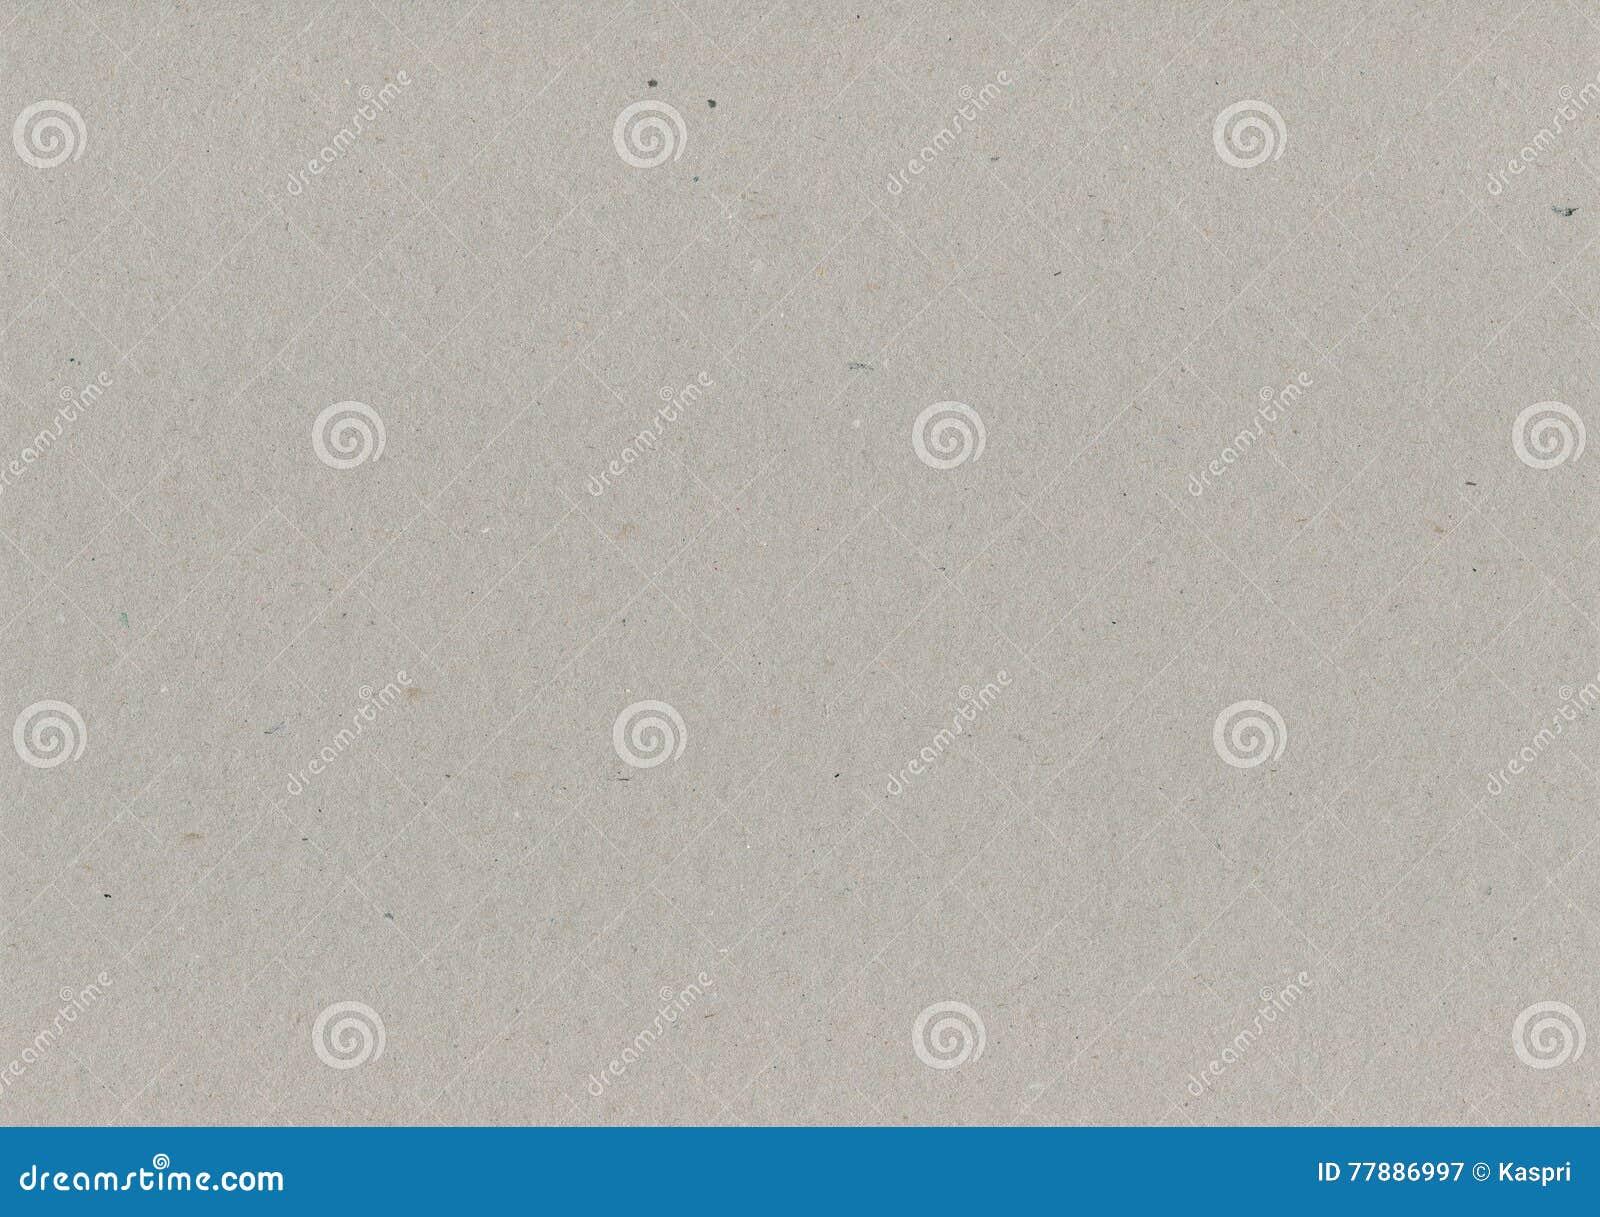 Textura Gris De La Cartulina Del Papel De Embalaje, Fondo Texturizado áspero Ligero Del Espacio De La Copia, Gris, Marrón, Moreno Foto de archivo